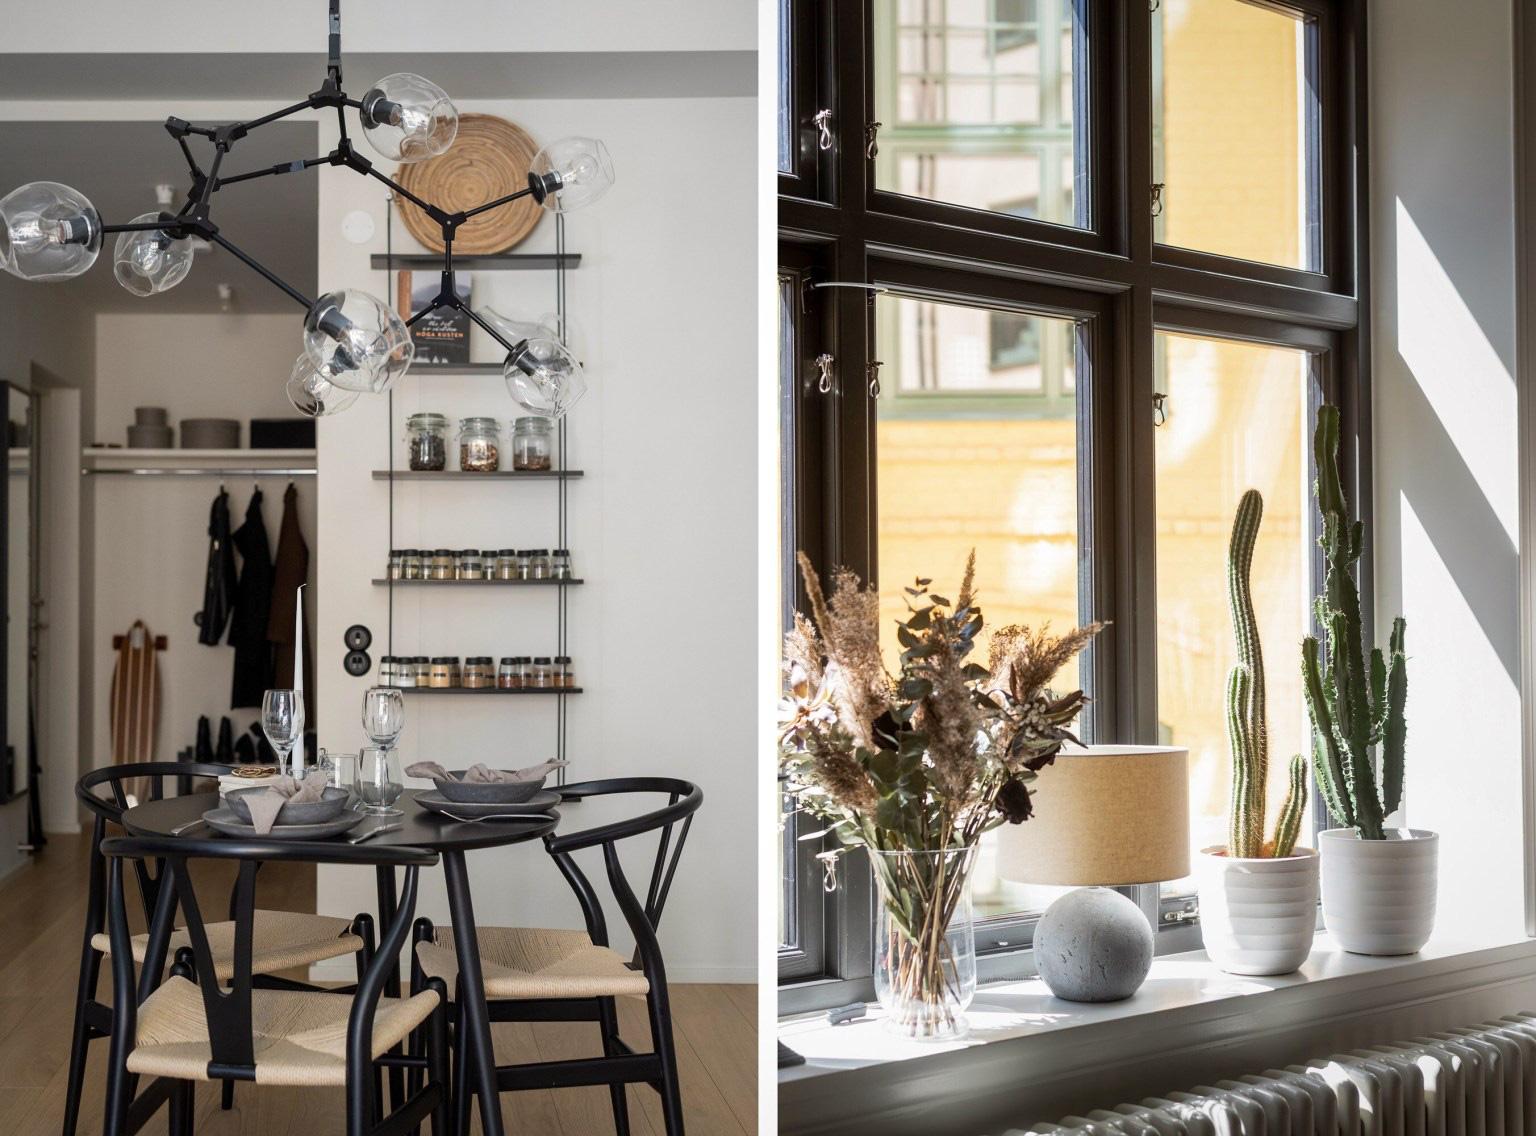 Các không gian được sắp xếp hợp lý, lựa chọn nội thất phù hợp với bảng màu chung của căn hộ